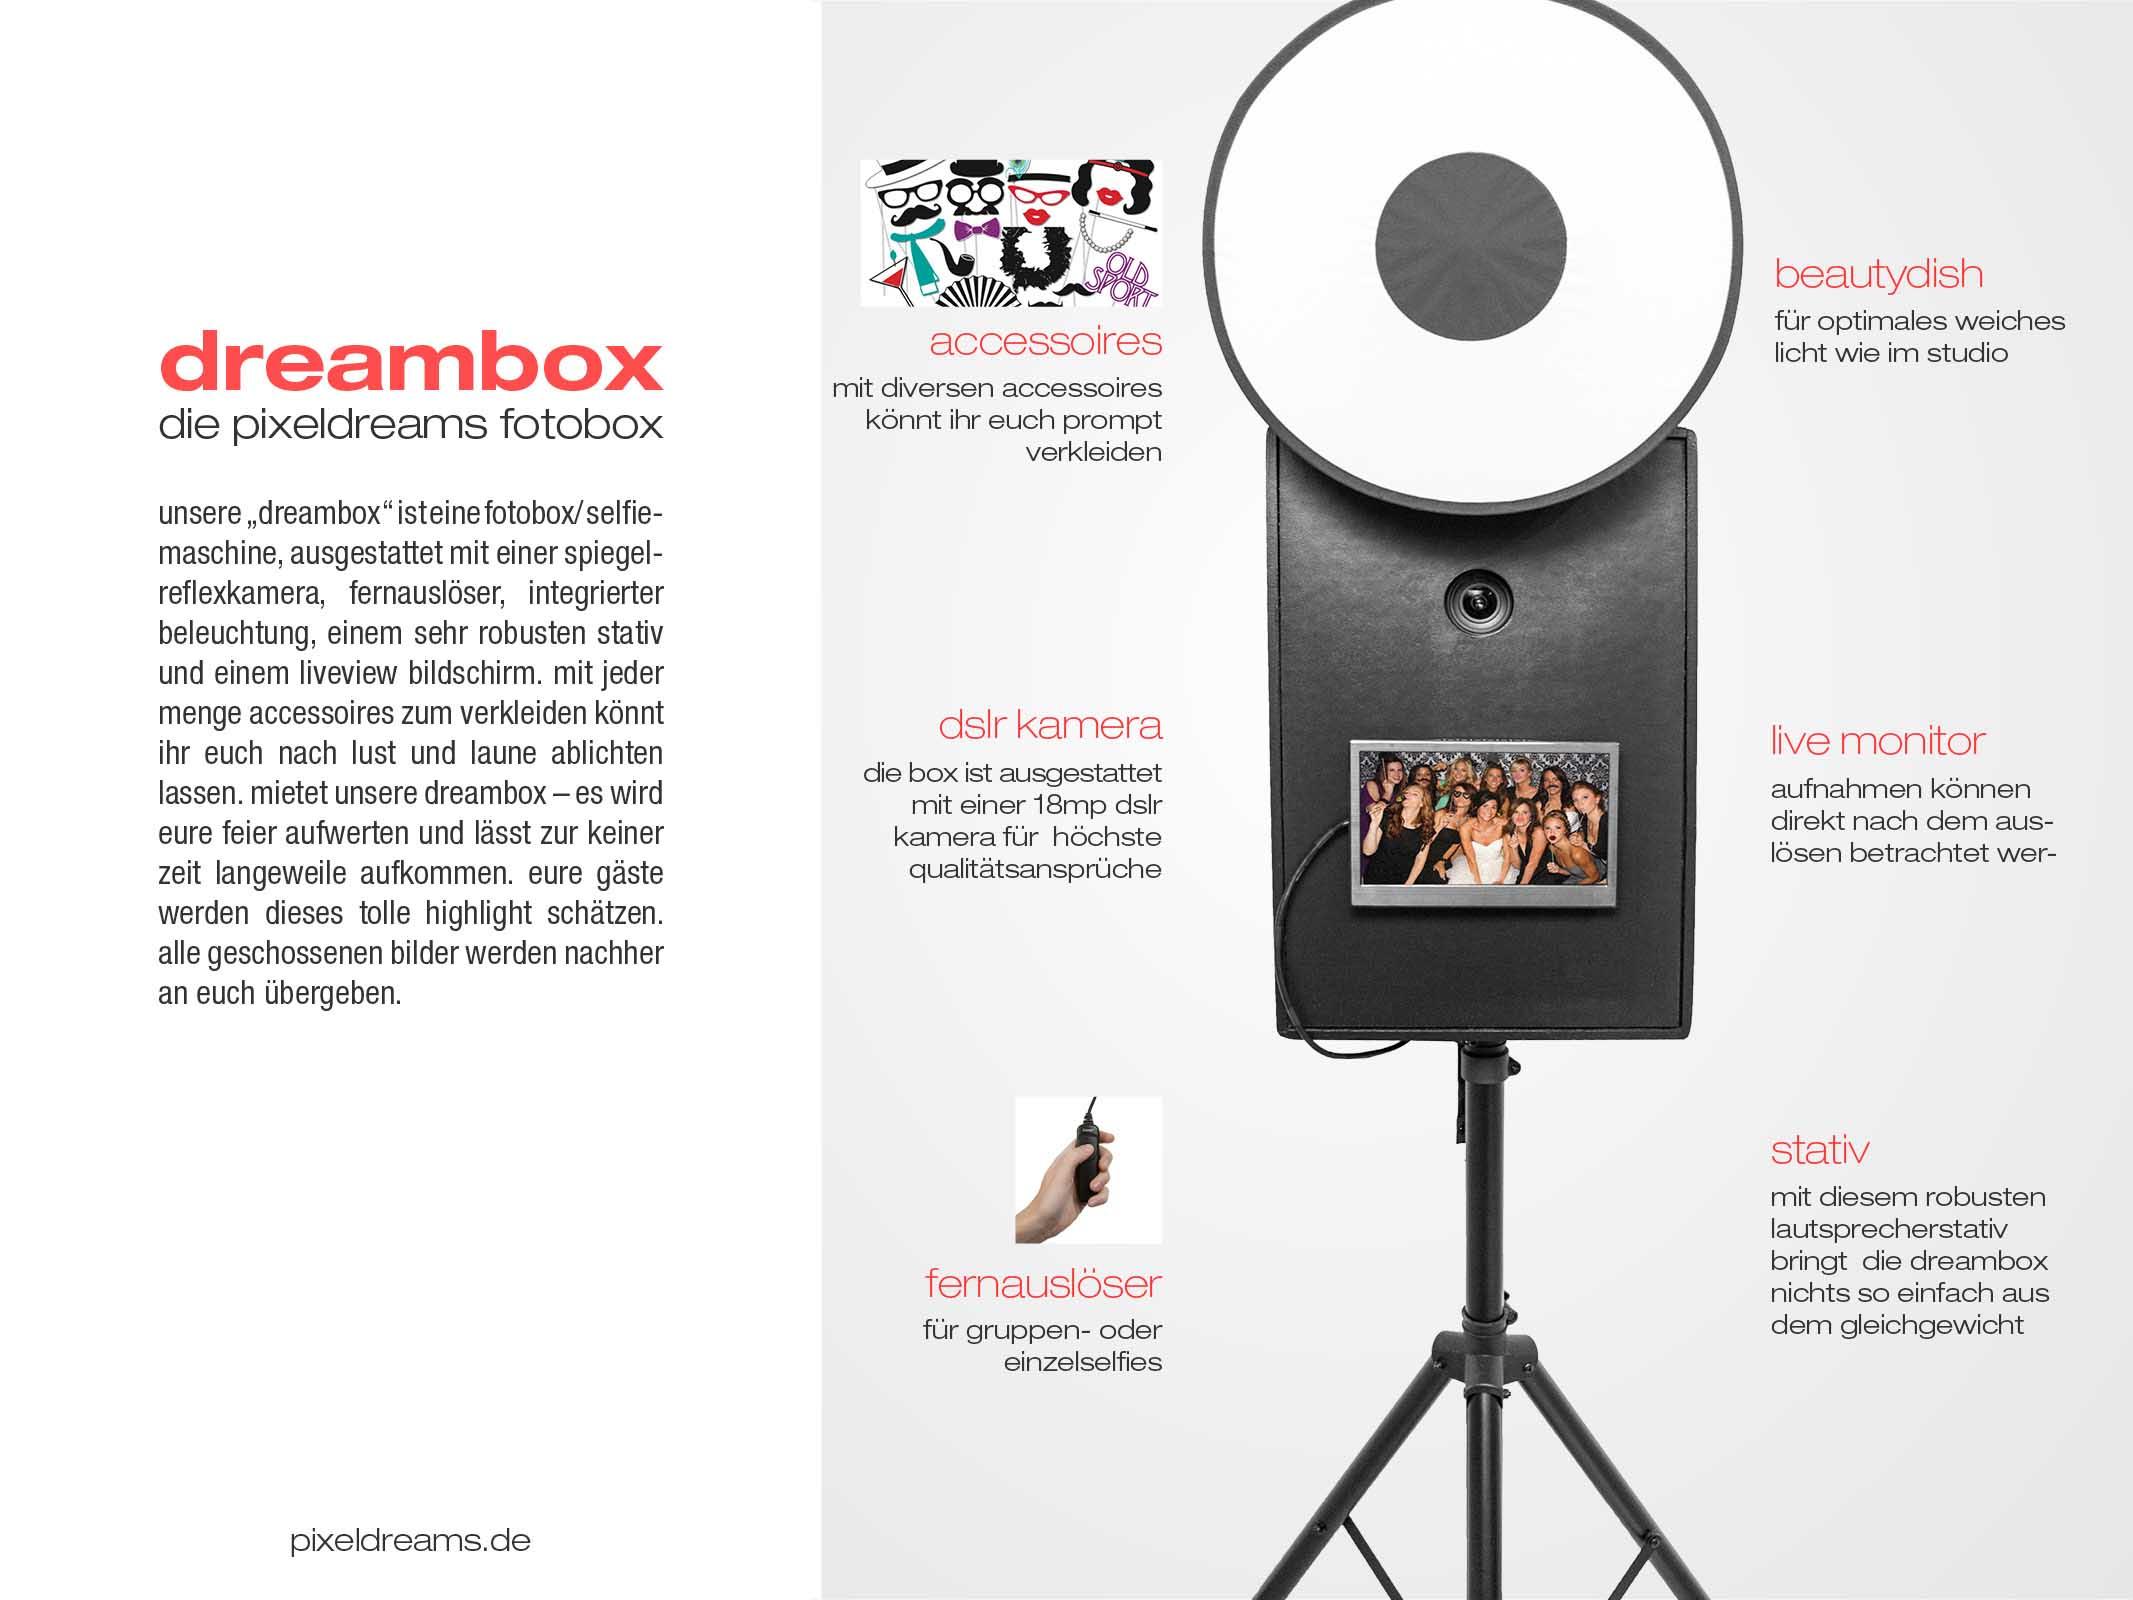 Günstig Photobooth Fotobox in Köln mieten leihen. Die Fotobox ist in Köln Bonn Düsseldorf und Umgebung günstig zu vermieten. Wir verleihen Sie einschließlich Accessoires wie Props und andere Verkleidungsmaterialien gibt es im Preis inbegriffen.